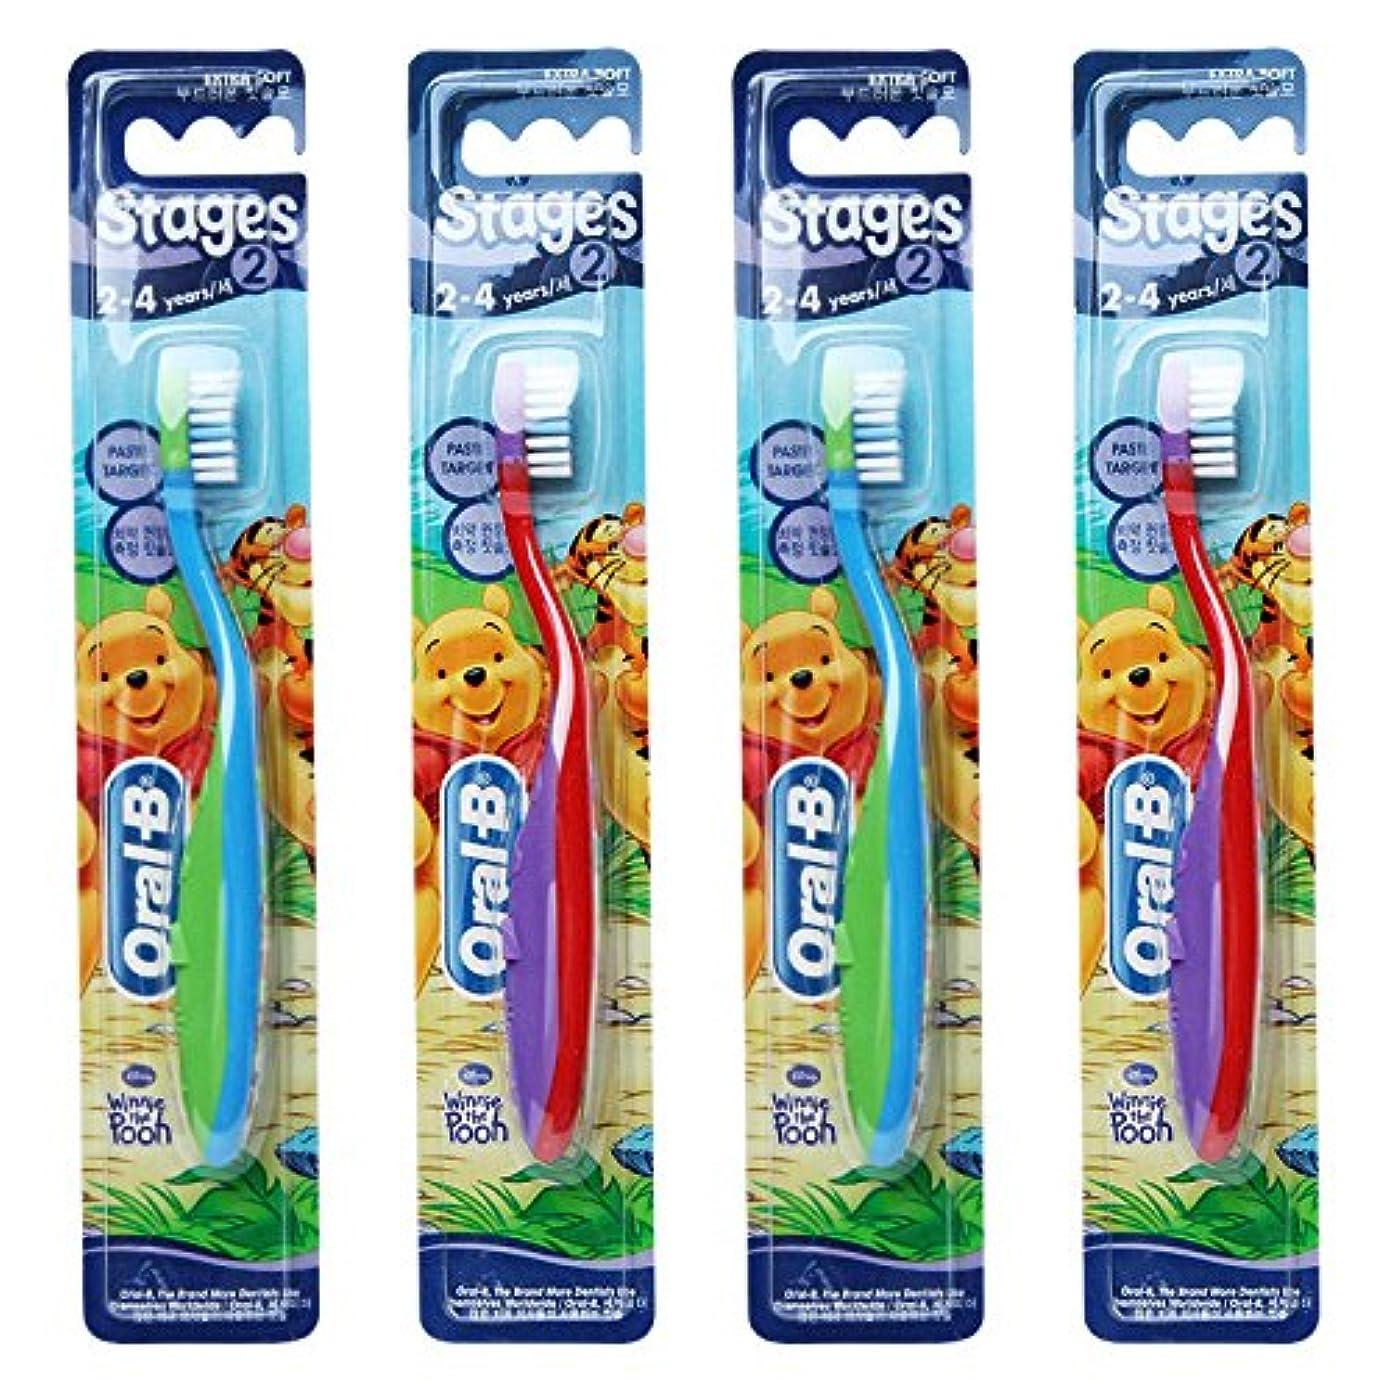 死の顎性的飢えOral-B Stages 2 Toothbrush 2 - 4 years 4 Pack /GENUINEと元の梱包 [並行輸入品]